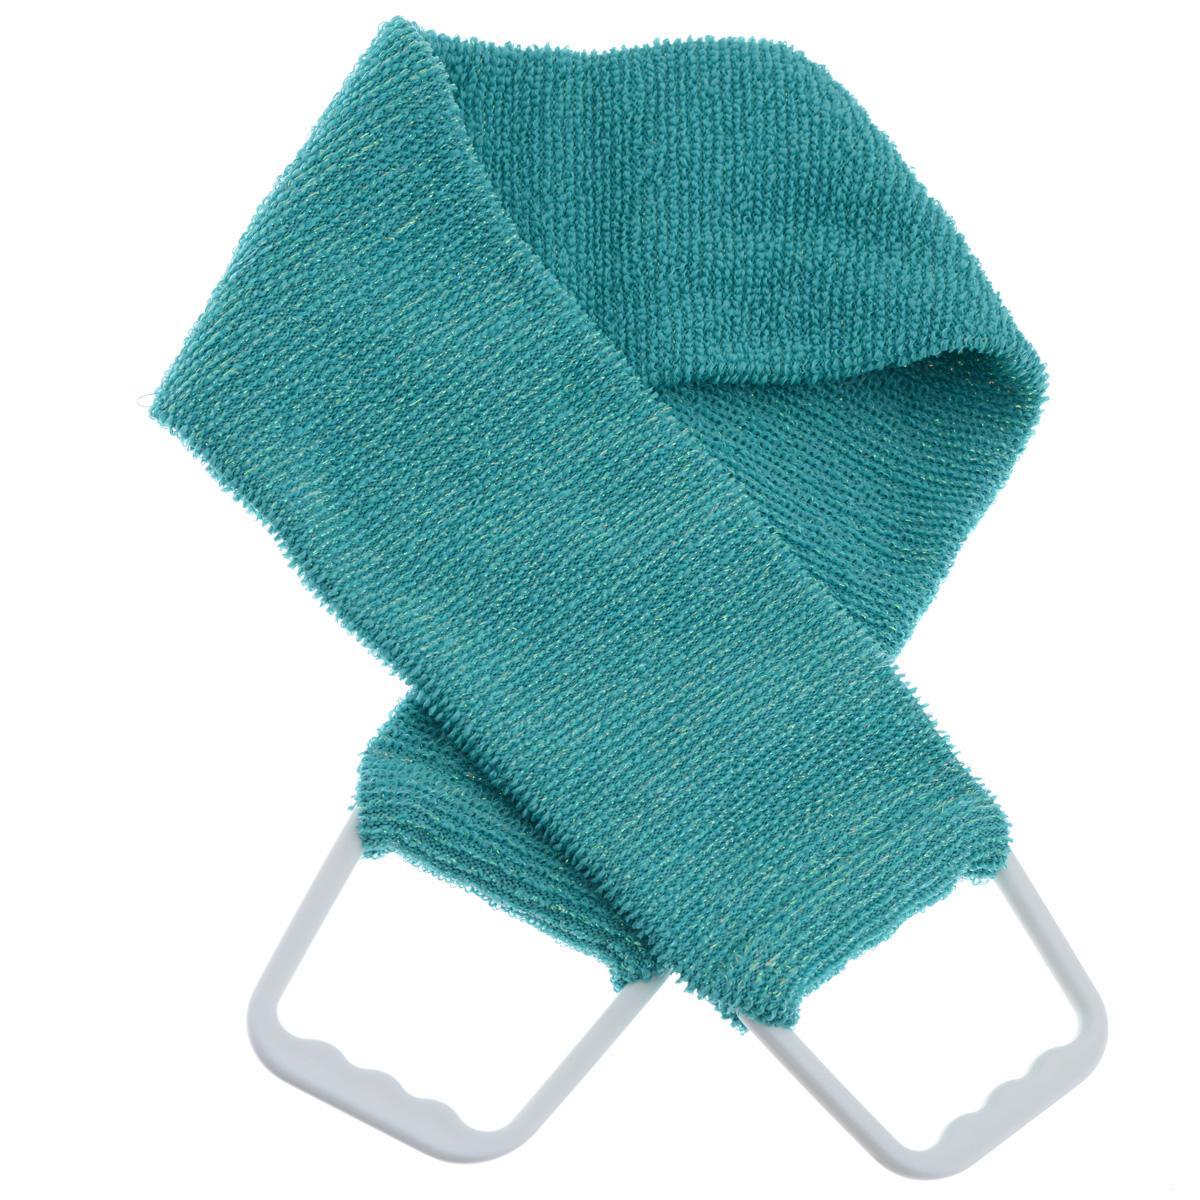 Мочалка 927, цвет: бирюзовый927 бирюзовыйДвухсторонняя мочалка-пояс Riffi применяется для мытья тела, отлично действует как пилинговое средство, тонизируя, массируя и эффективно очищая вашу кожу. Мягкой стороной хорошо намыливать тело и наносить косметические средства после душа. Жесткую (с люрексом) сторону пояса используют для легкого пилинга и массажа кожи. Для удобства применения пояс снабжен двумя пластиковыми ручками. Благодаря отшелушивающему эффекту мочалки-пояса, кожа освобождается от отмерших клеток, становится гладкой, упругой и свежей. Интенсивный и пощипывающе свежий массаж тела с применением Riffi стимулирует кровообращение, активирует кровоснабжение, способствует обмену веществ, что в свою очередь позволяет себя чувствовать бодрым и отдохнувшим после принятия душа или ванны. Riffi регенерирует кожу, делает ее приятно нежной, мягкой и лучше готовой к принятию косметических средств. Приносит приятное расслабление всему организму. Борется со спазмами и болями в мышцах, предупреждает образование...